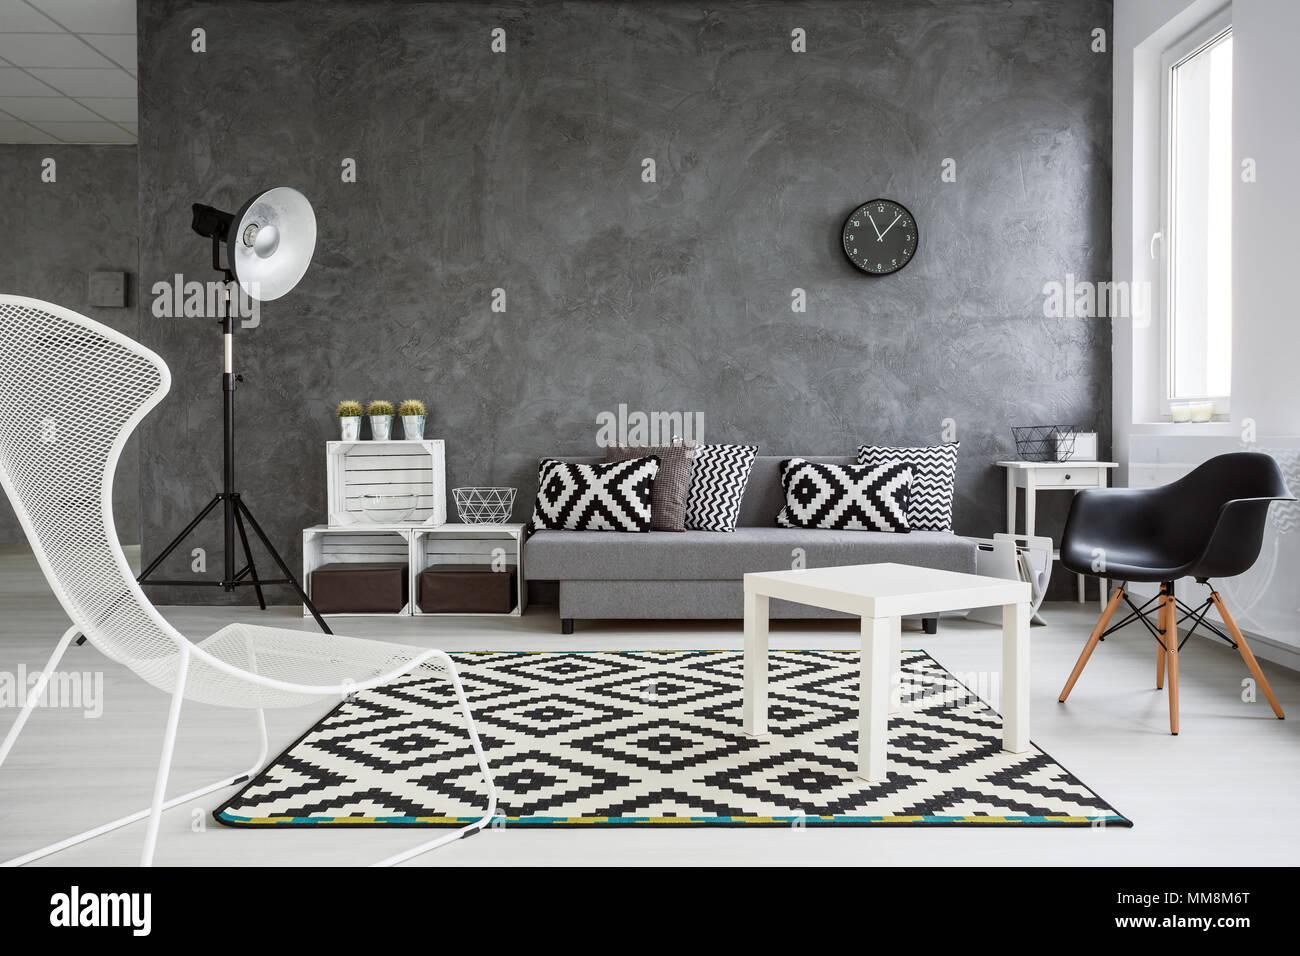 Pavimento Bianco Grigio : Spazioso soggiorno arredato con stile pareti grigio bianco con